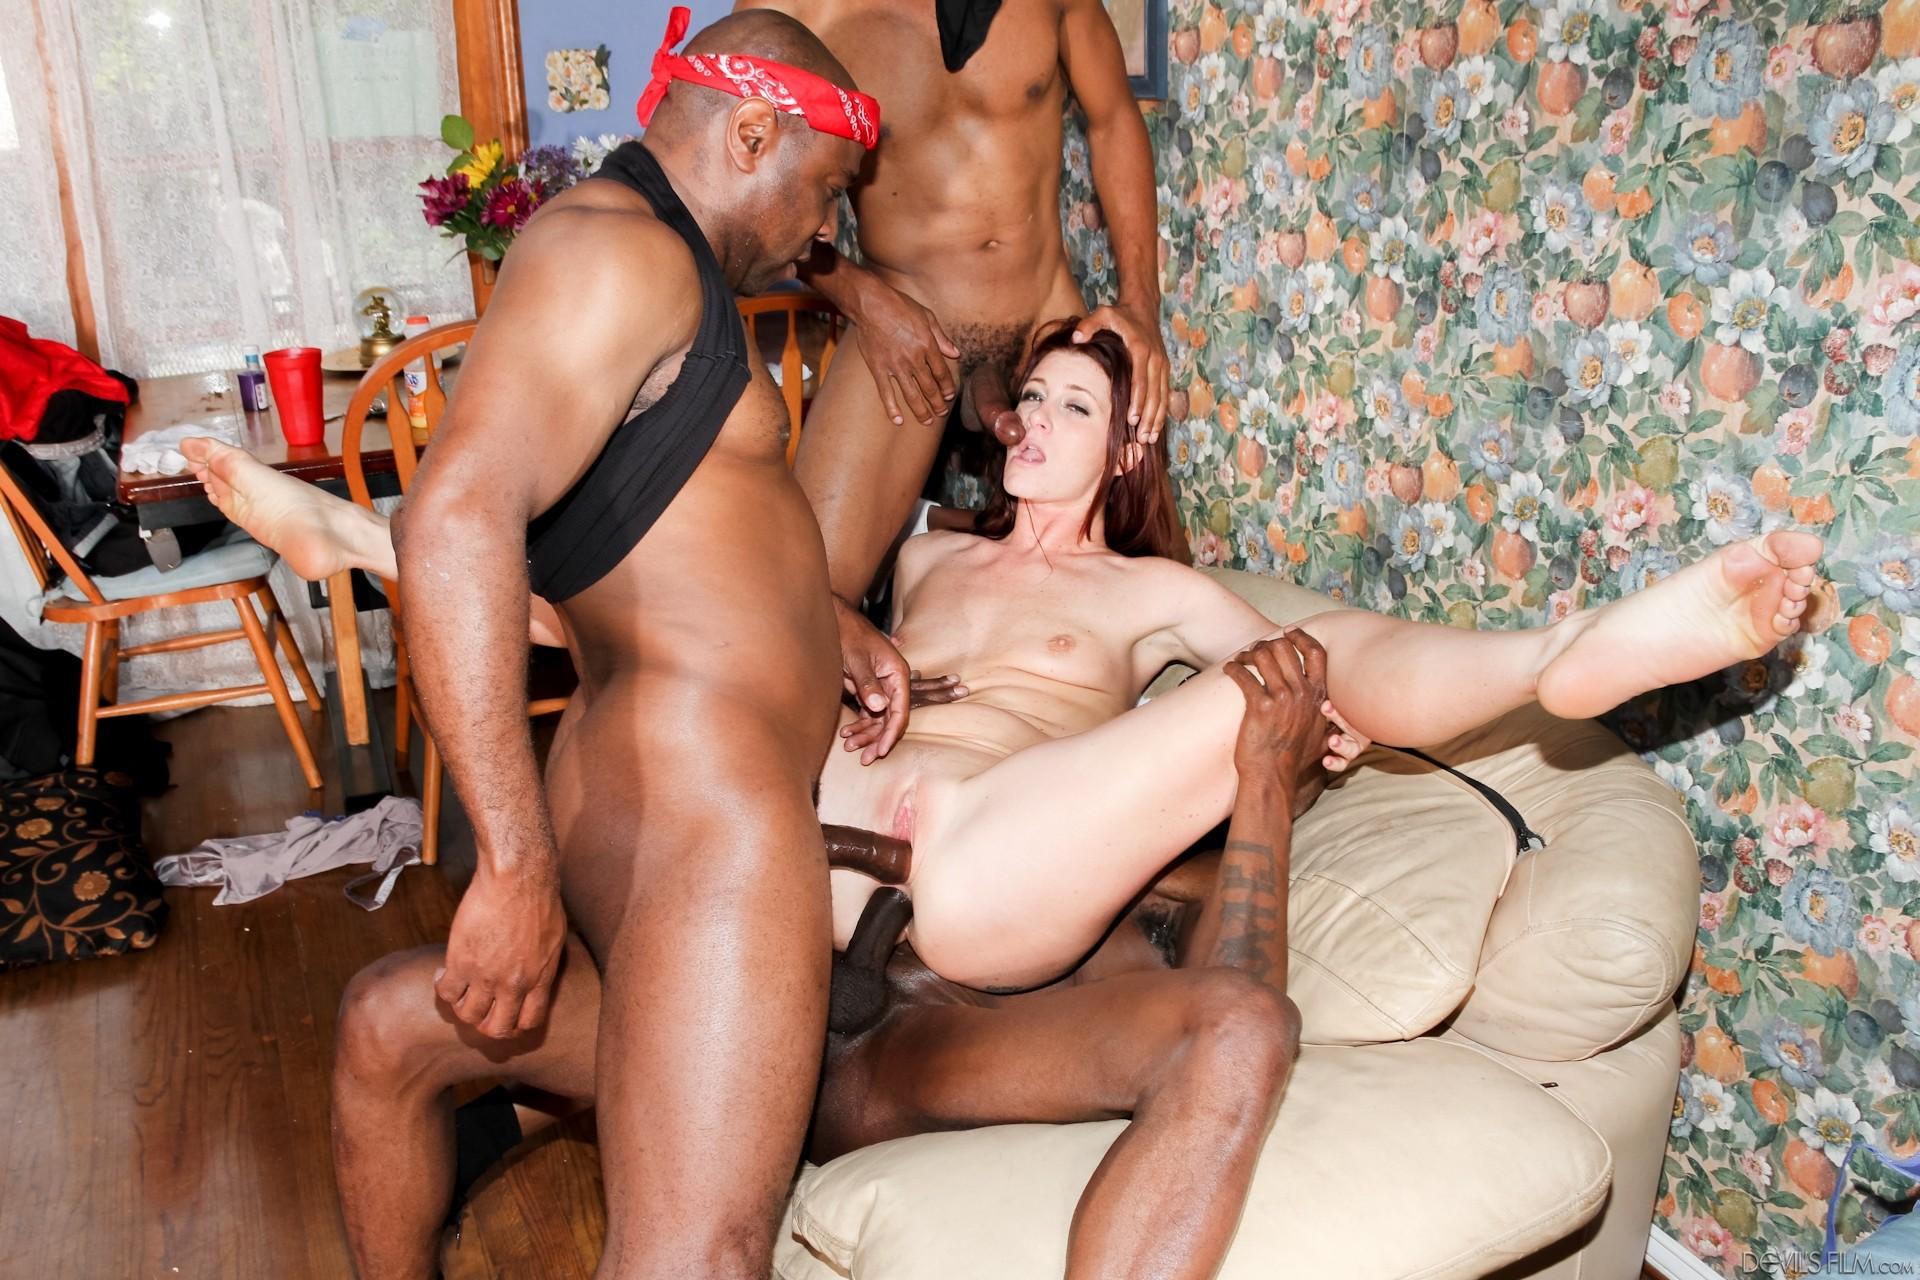 Супер жесткий ганг банг порно 3 фотография